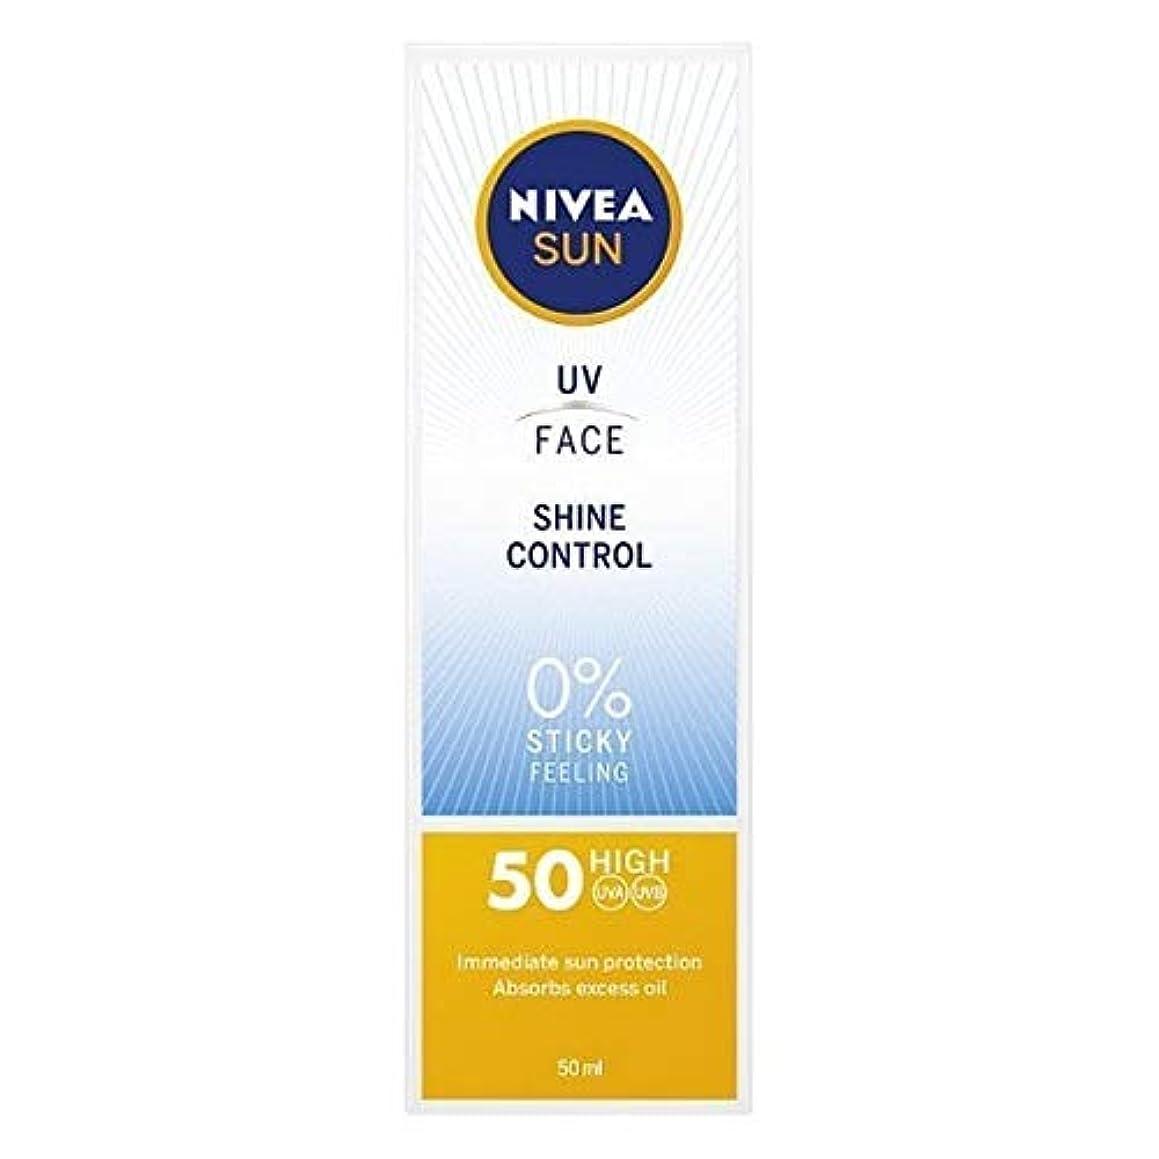 流出天緑[Nivea ] ニベアサンUv顔日焼け止めクリームのSpf 50、輝き制御、50ミリリットル - NIVEA SUN UV Face Suncream SPF 50, Shine Control, 50ml [並行輸入品]